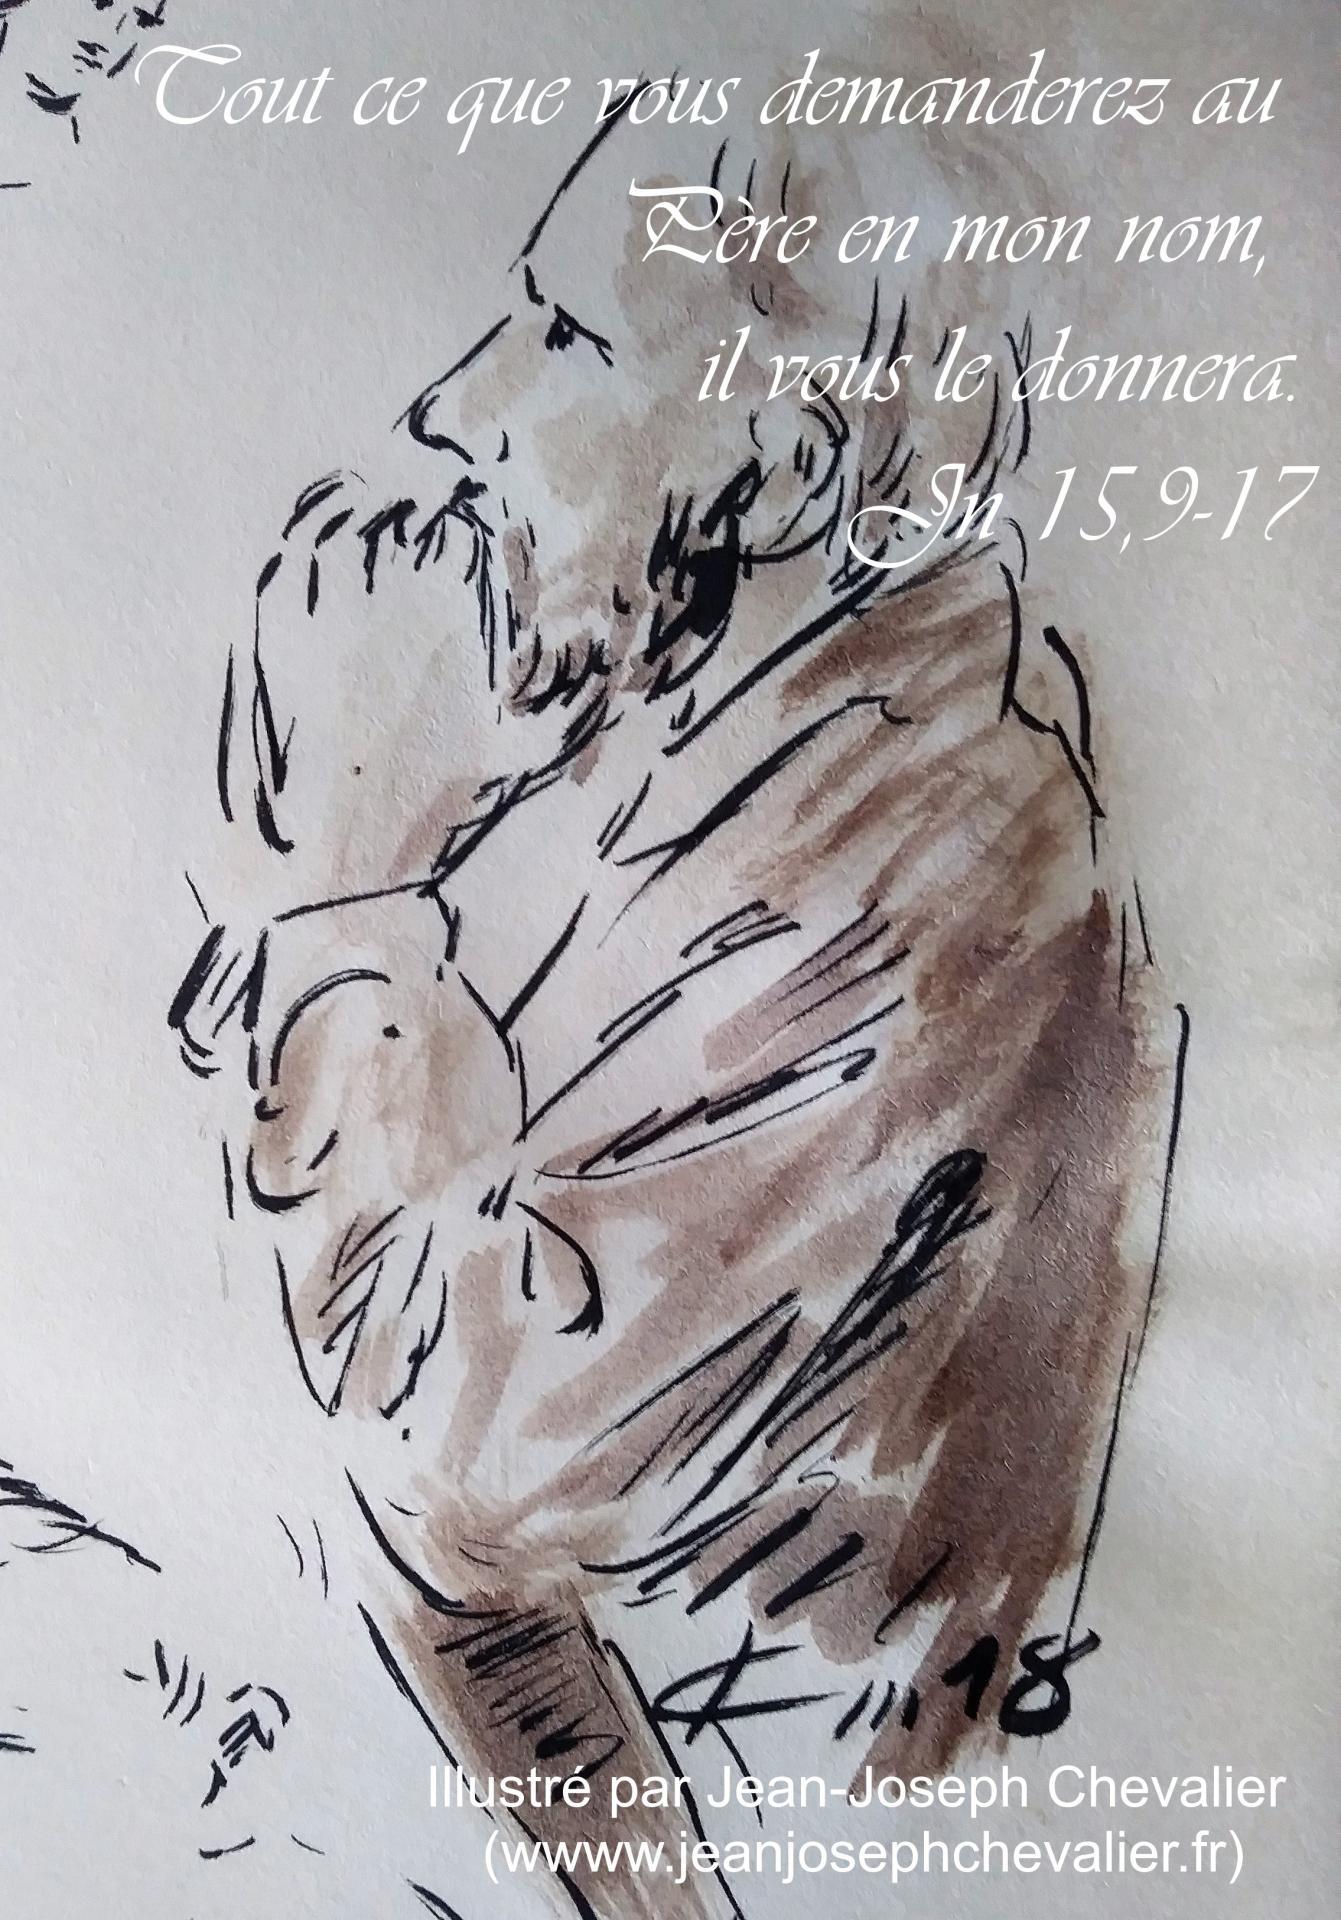 6 mai 2018 evangile du jour illustre par un dessin au lavis de jean joseph chevalier image